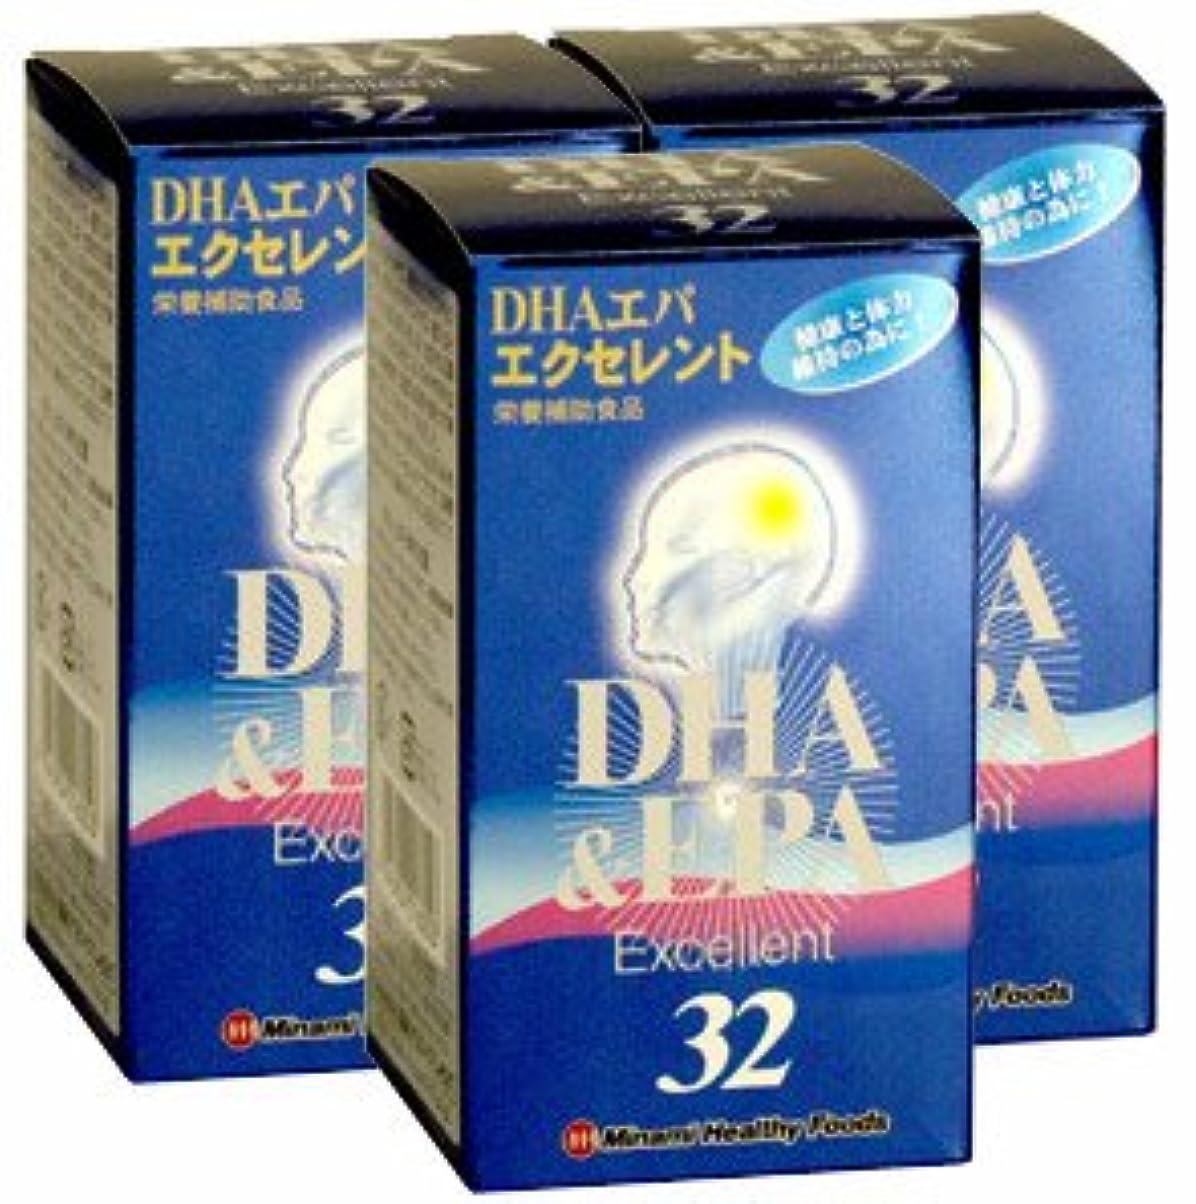 コンセンサスフォアマン傾いたDHAエパエクセレント32【3本セット】ミナミヘルシーフーズ